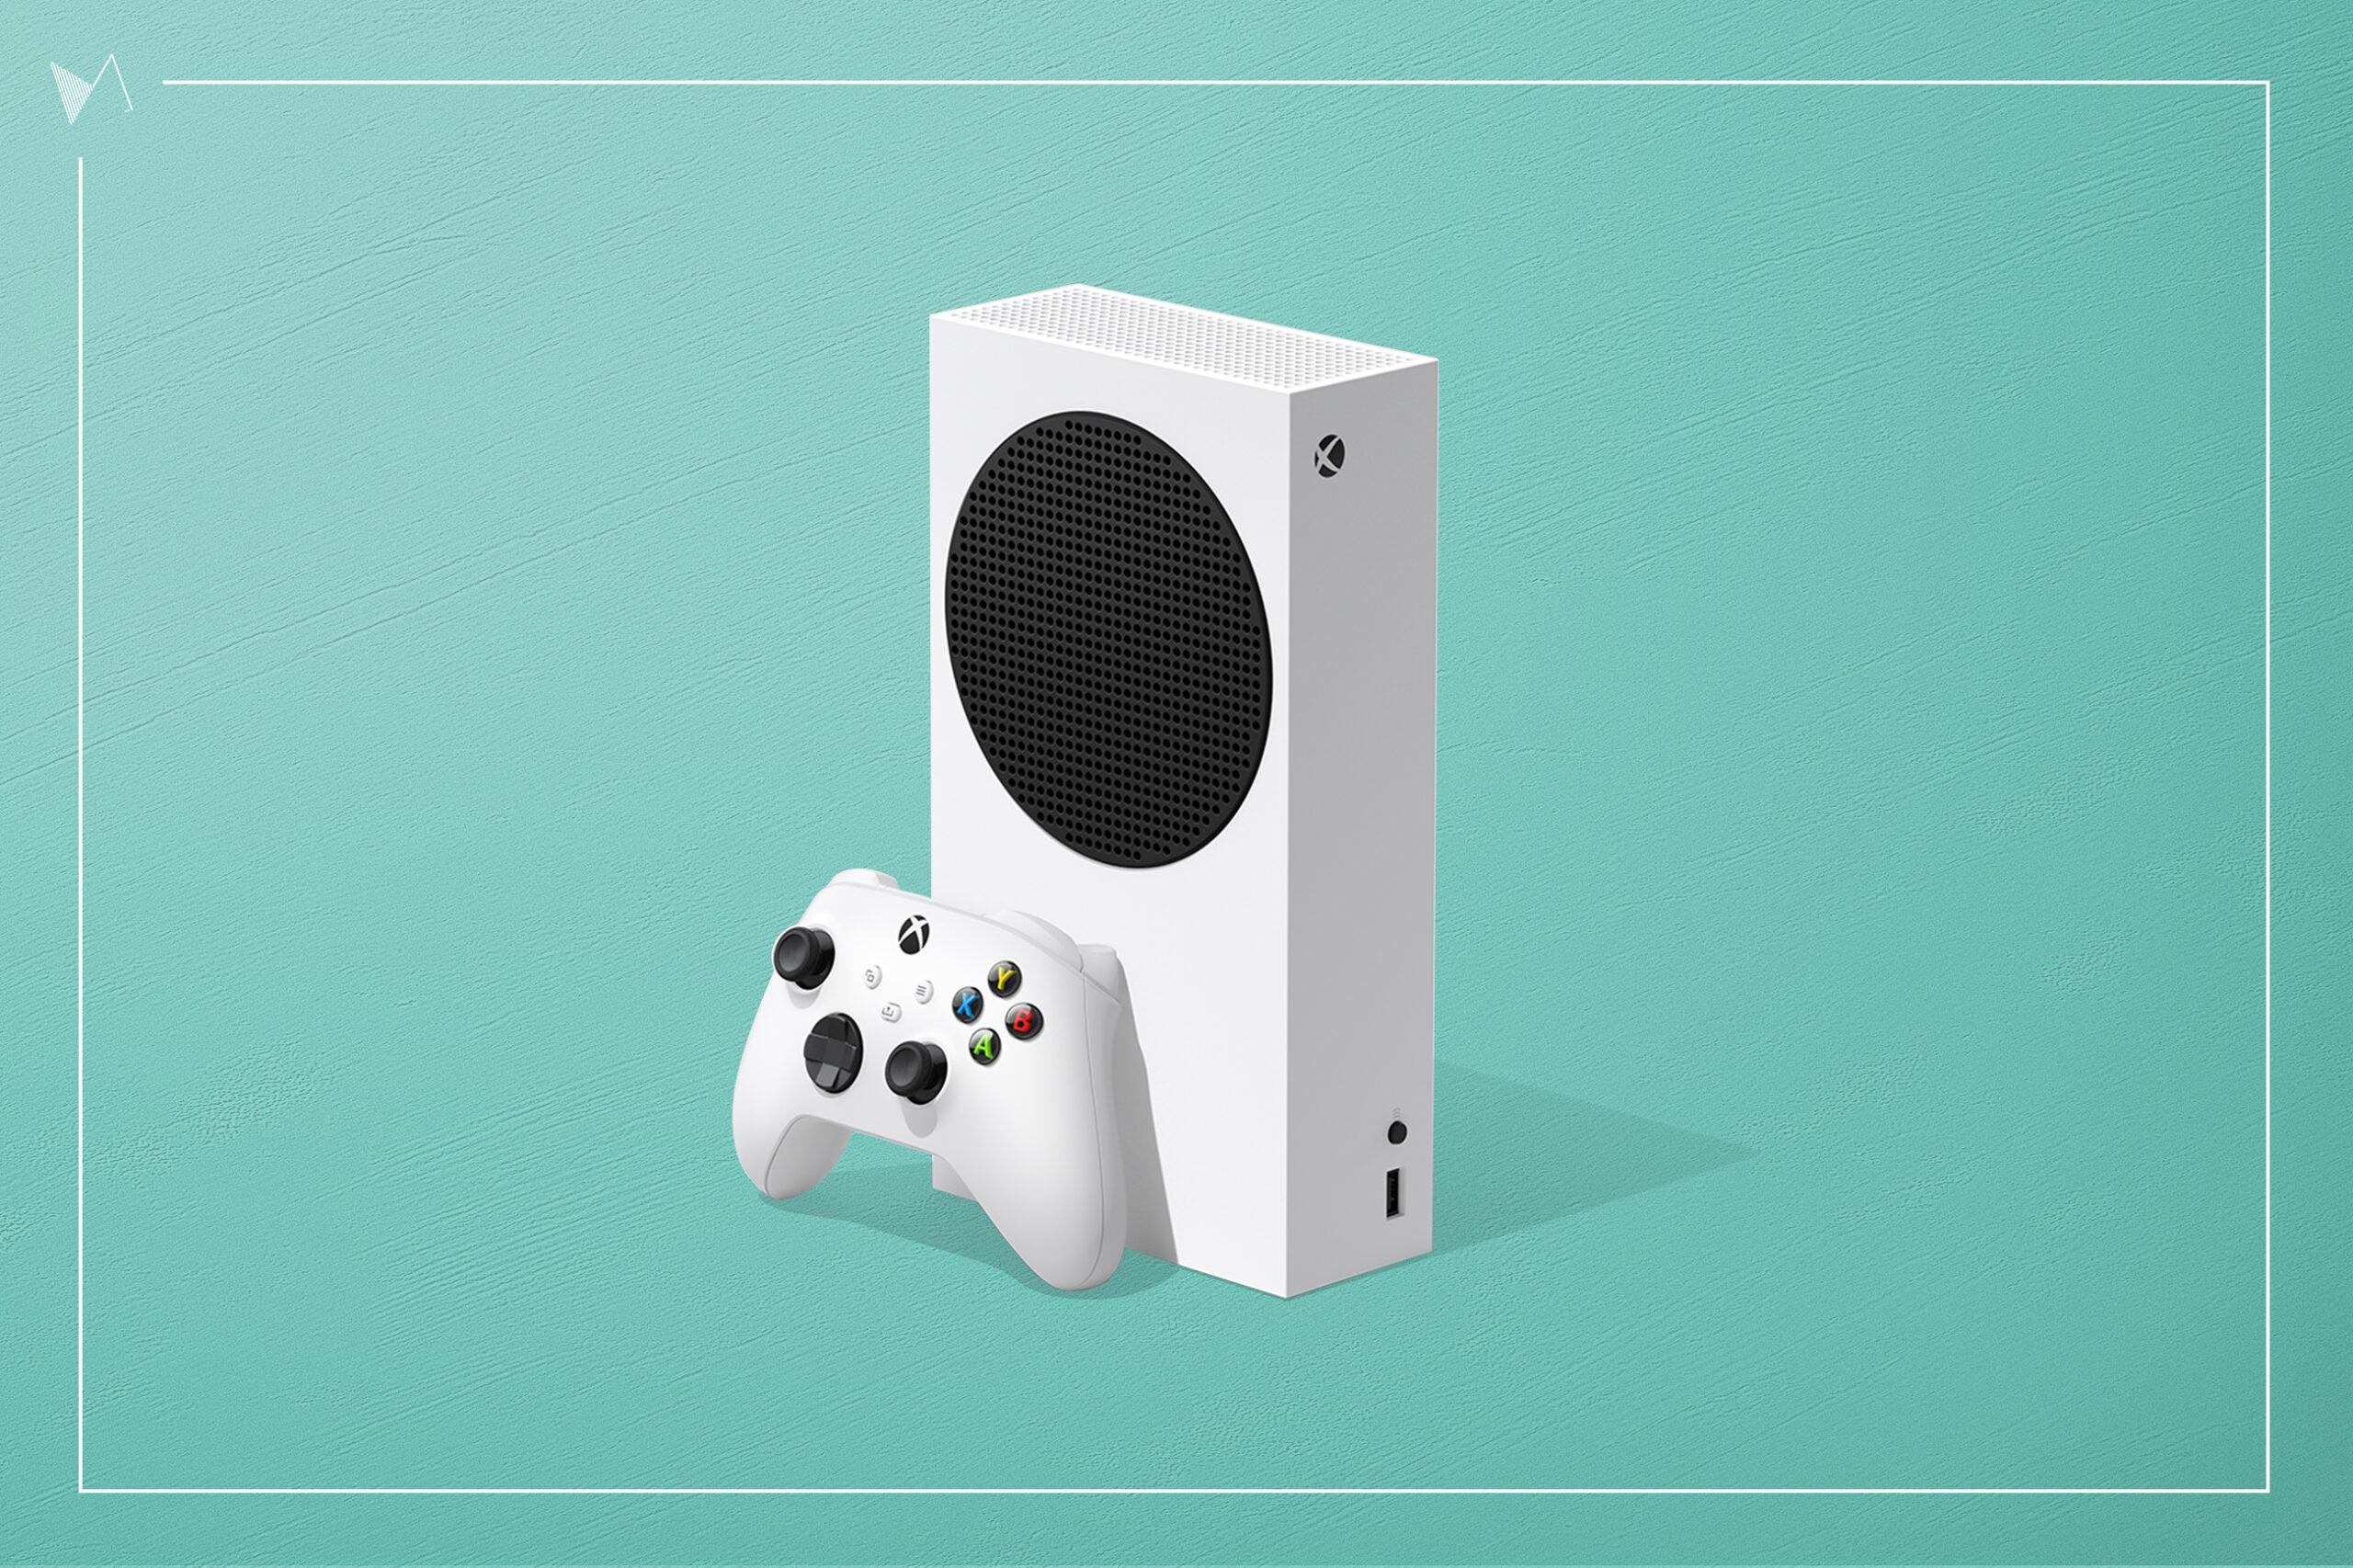 一台だけ選ぶなら? 次世代ゲーム機は壮大なオンラインワールドへの招待状だ